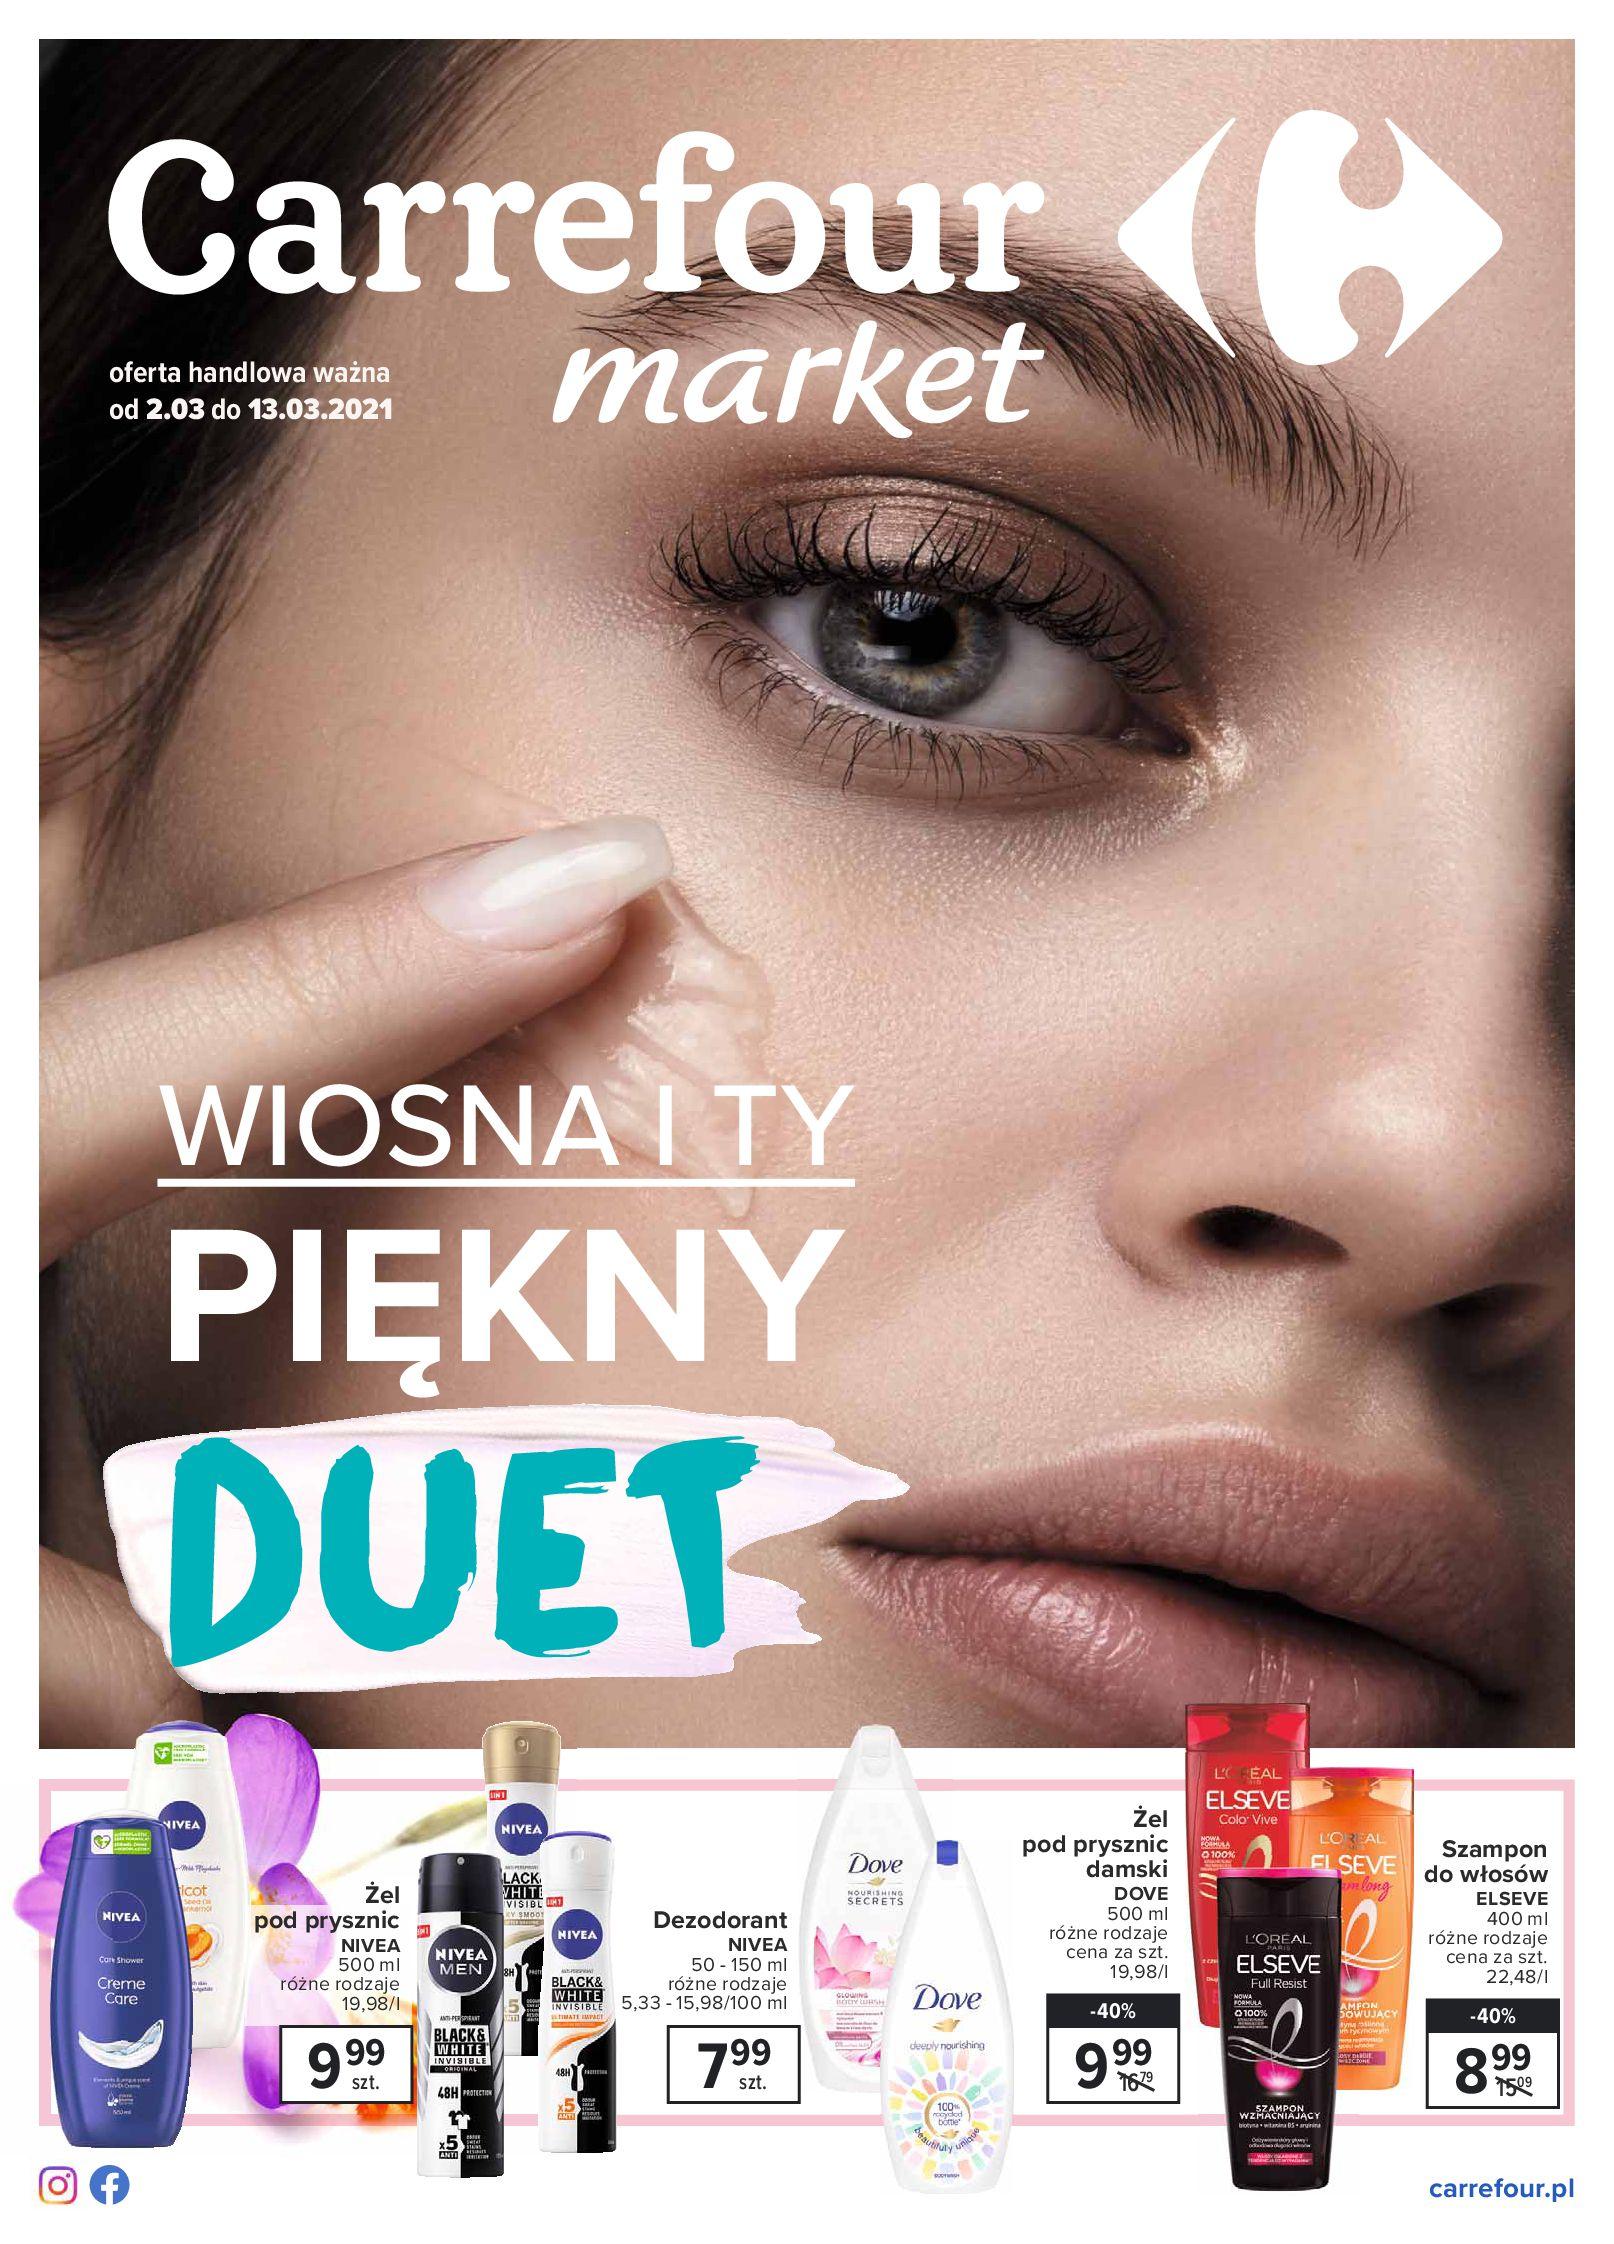 Carrefour Market:  Katalog - Piękny Duet 01.03.2021